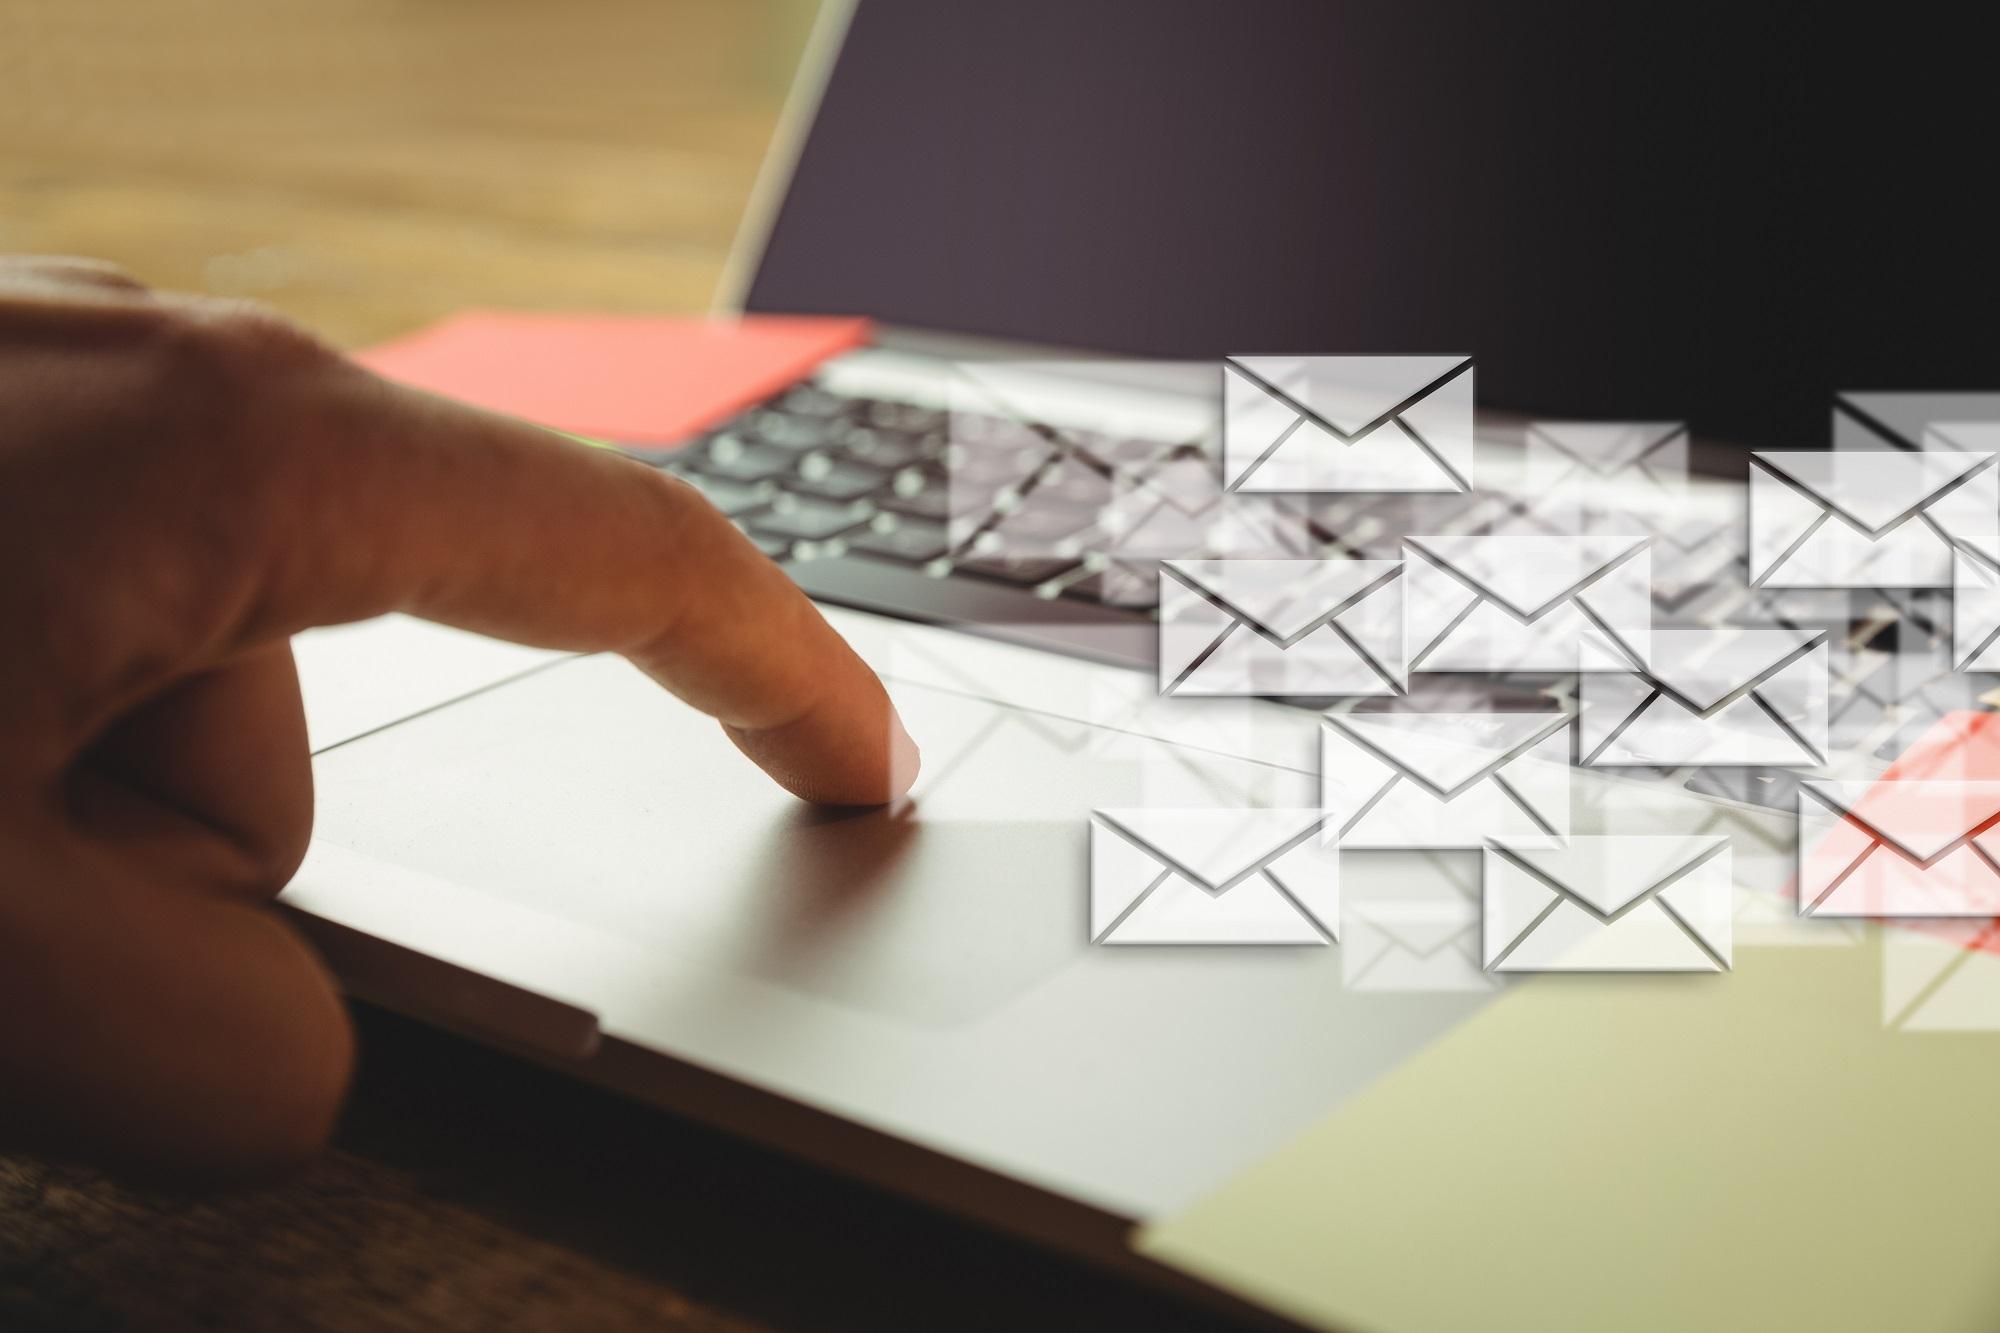 El <b>correo </b> electrónico  <b> de Darktrace </b> encuentra <b>ataque de suplantación de TI</b>